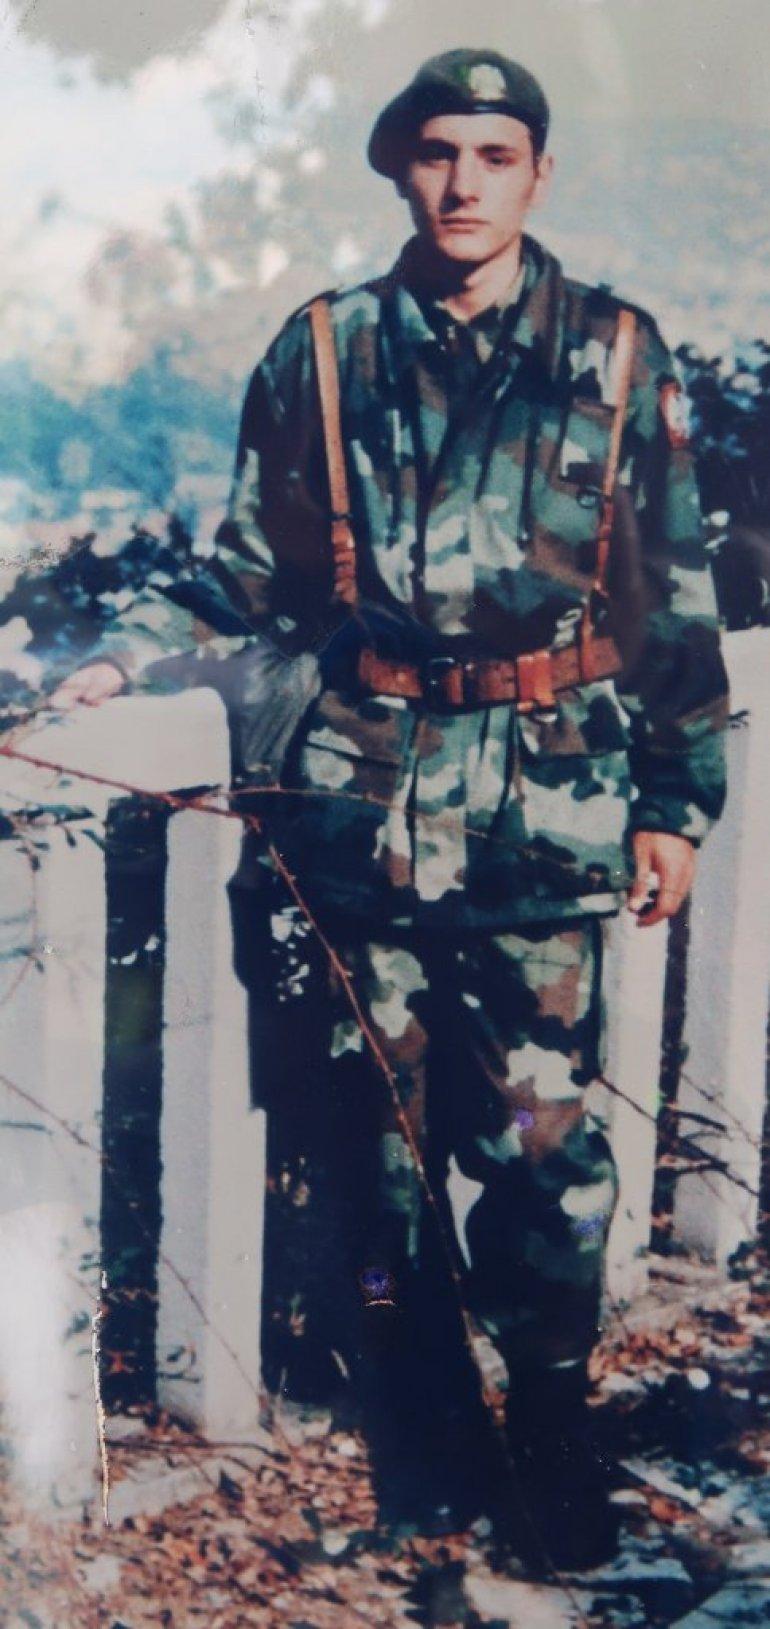 Лазаревац: Саша на вечној стражи - Откривен мурал војнику из Вреоца, настрадалом на Кошарама